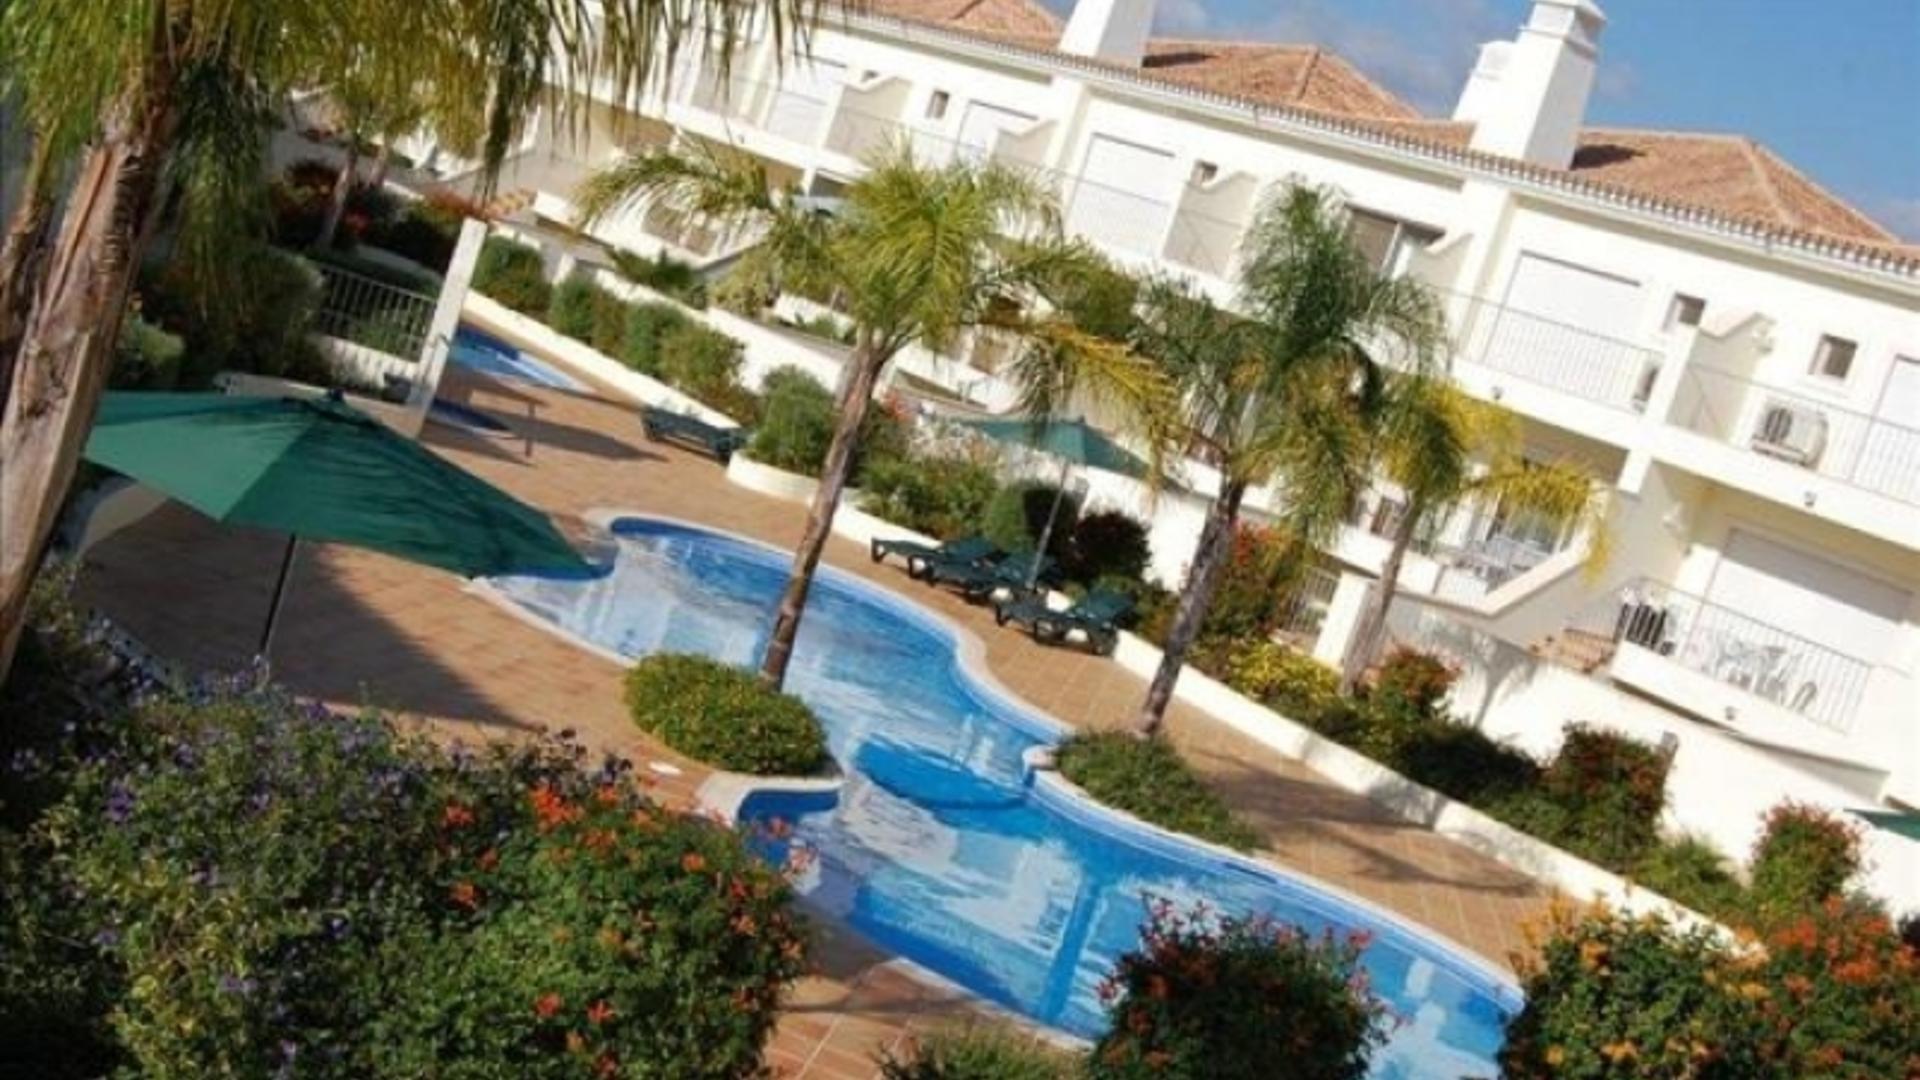 2 Bedroom Villa/shared facilities in  Portugal